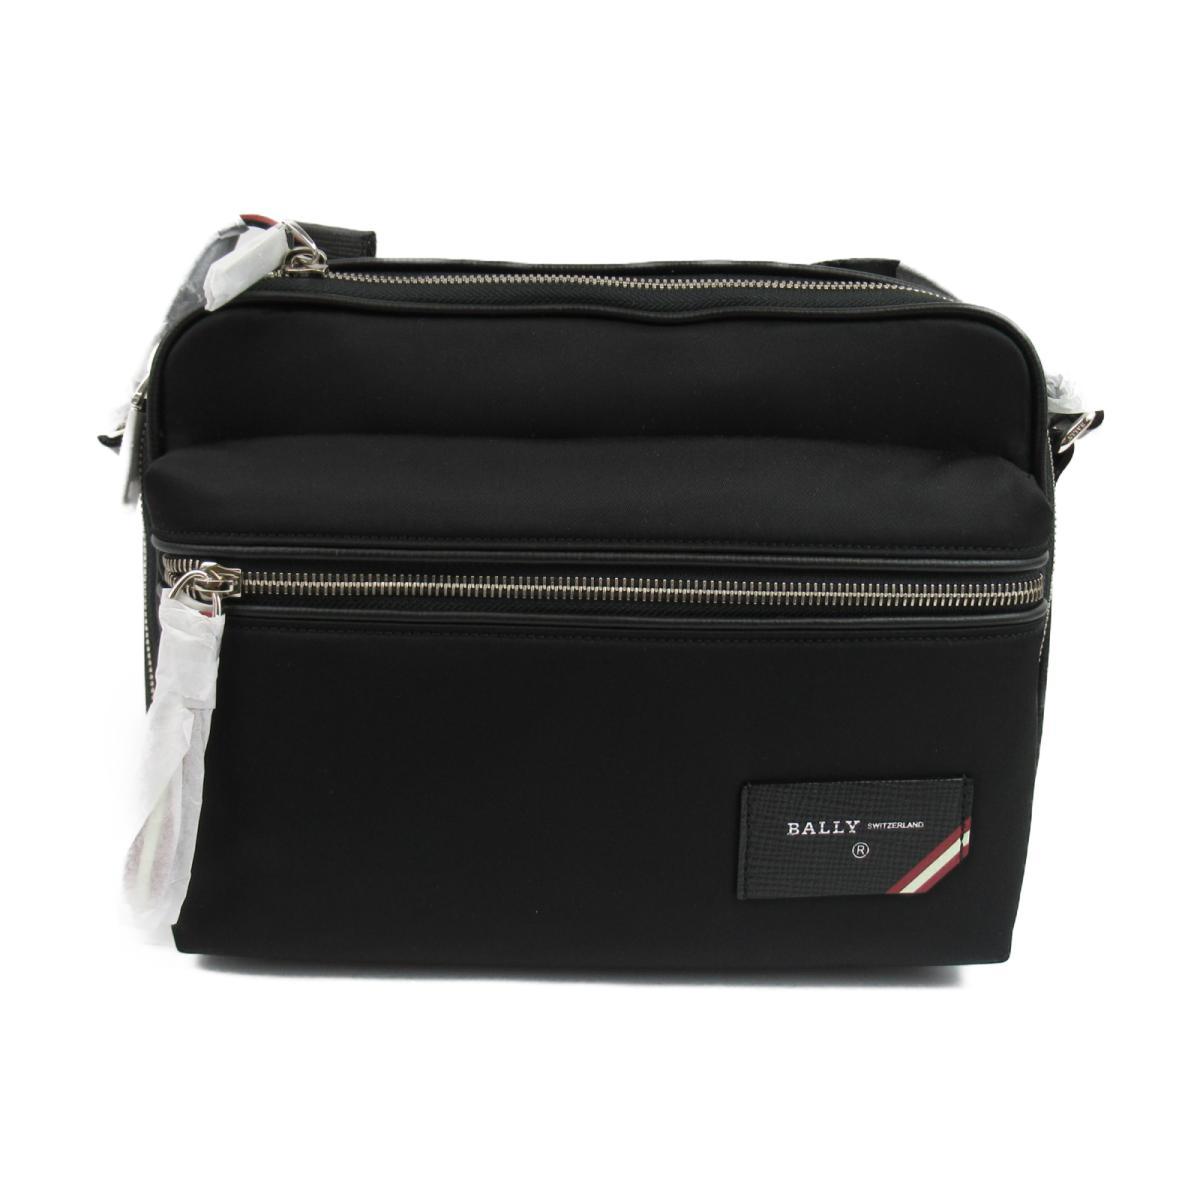 バリー FIJI ナイロン ワンショルダーバッグ メンズ ファブリック ブラック レッド ホワイト (6226347) | BALLY BRANDOFF ブランドオフ レディース ブランド ブランドバッグ バッグ バック ショルダーバッグ